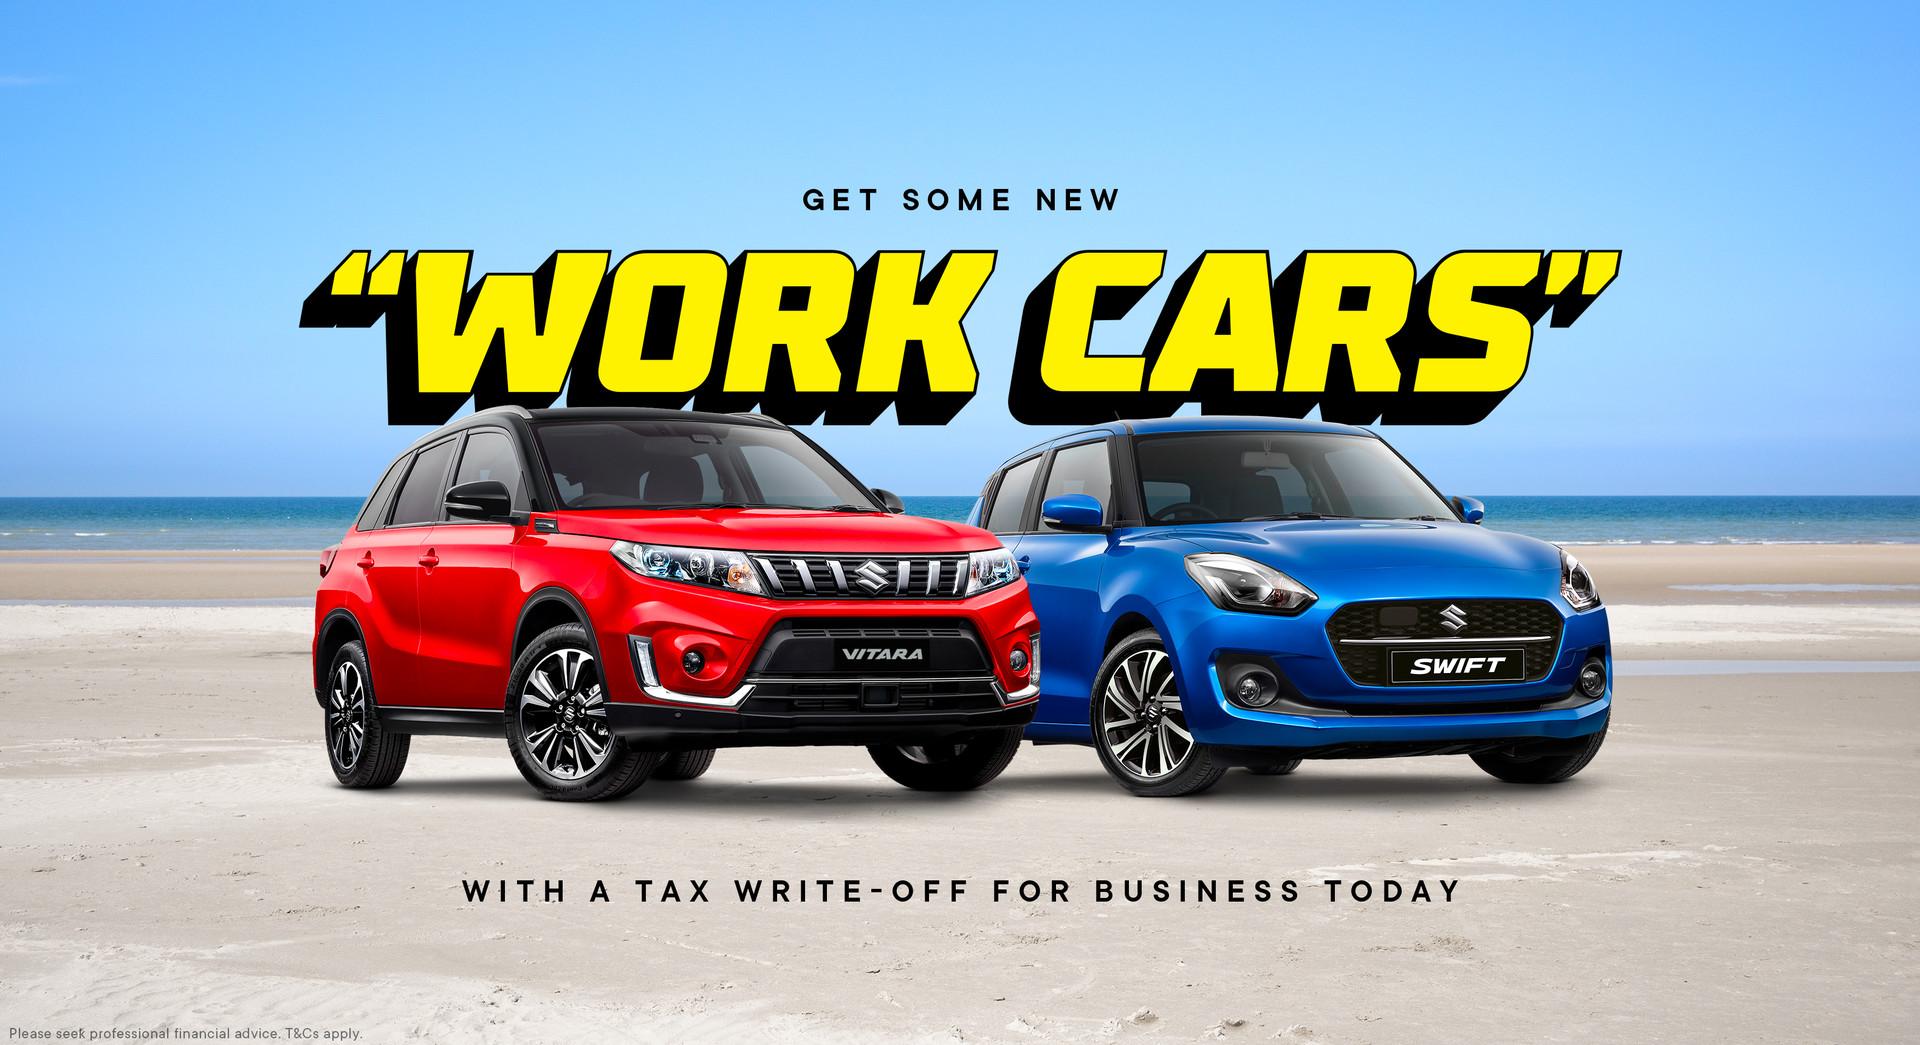 Suzuki Get Some New Work Cars